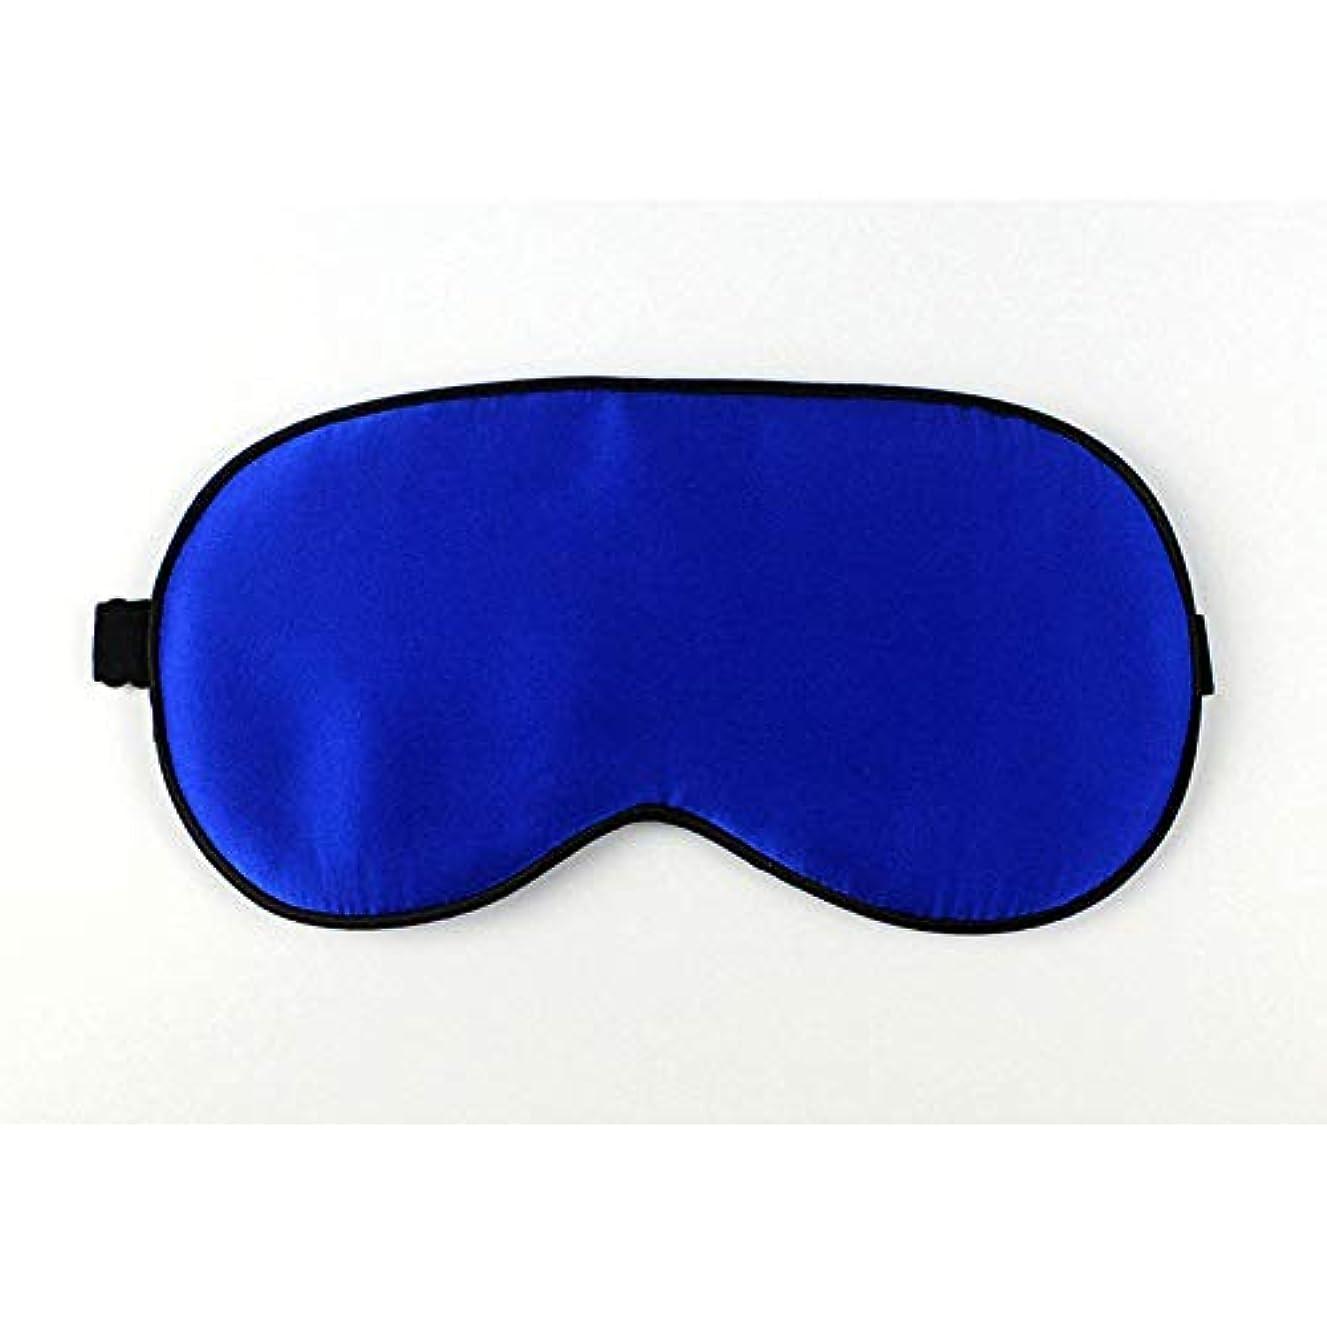 予想外くびれた半ばXuBa アイマスク ソフト シルク 弾力 睡眠 遮光  完璧な睡眠環境 アイシェード スリープシールド オフィス  ダークブルー